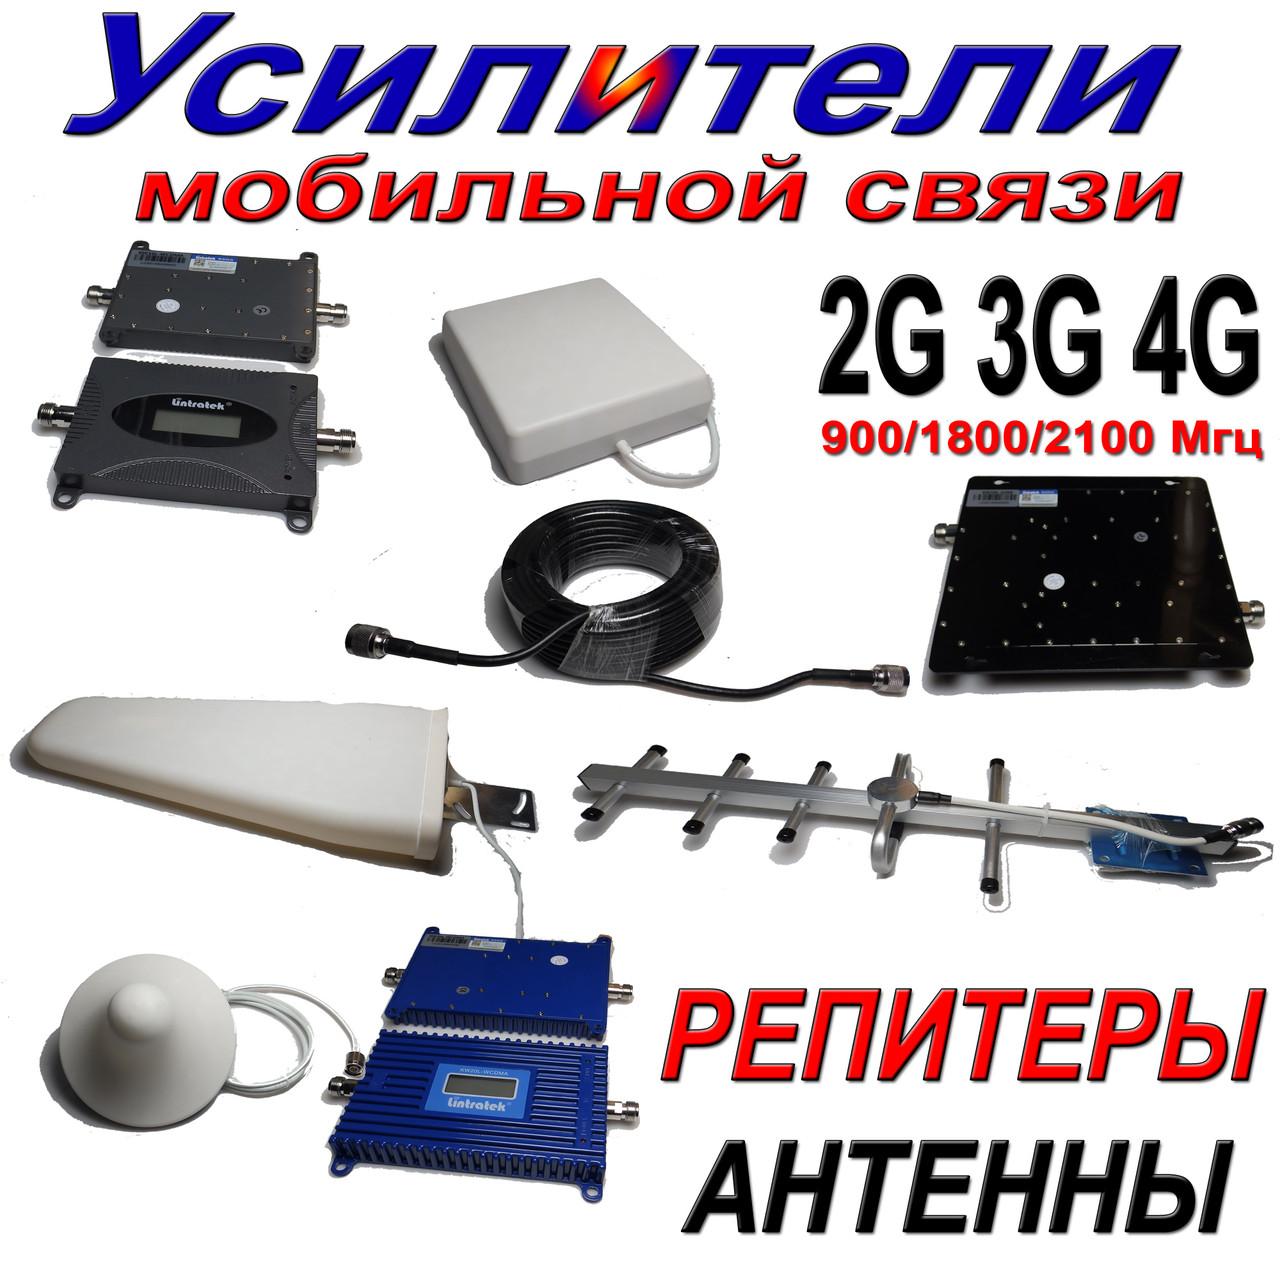 Усилитель сотовой мобильной связи 900Mhz  репитер Lintratek KW16L-GSM +Подарок +Скидка